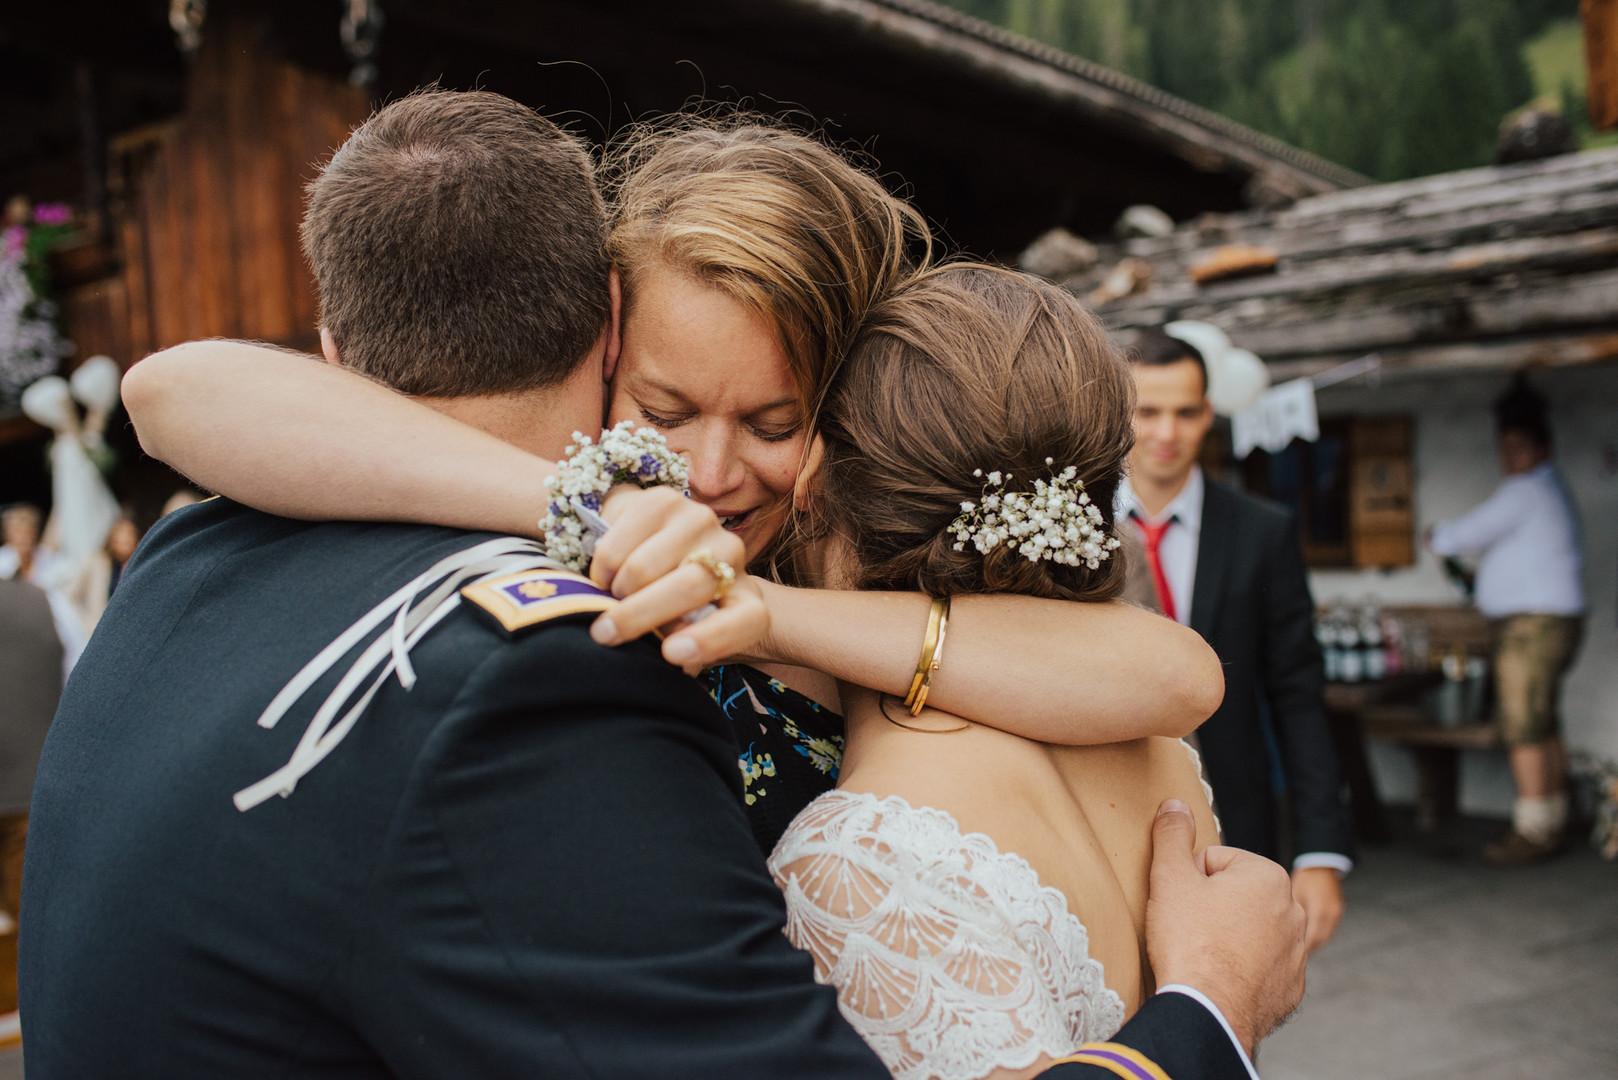 Gratulation Brautpaar Bischofer Alm Tirol